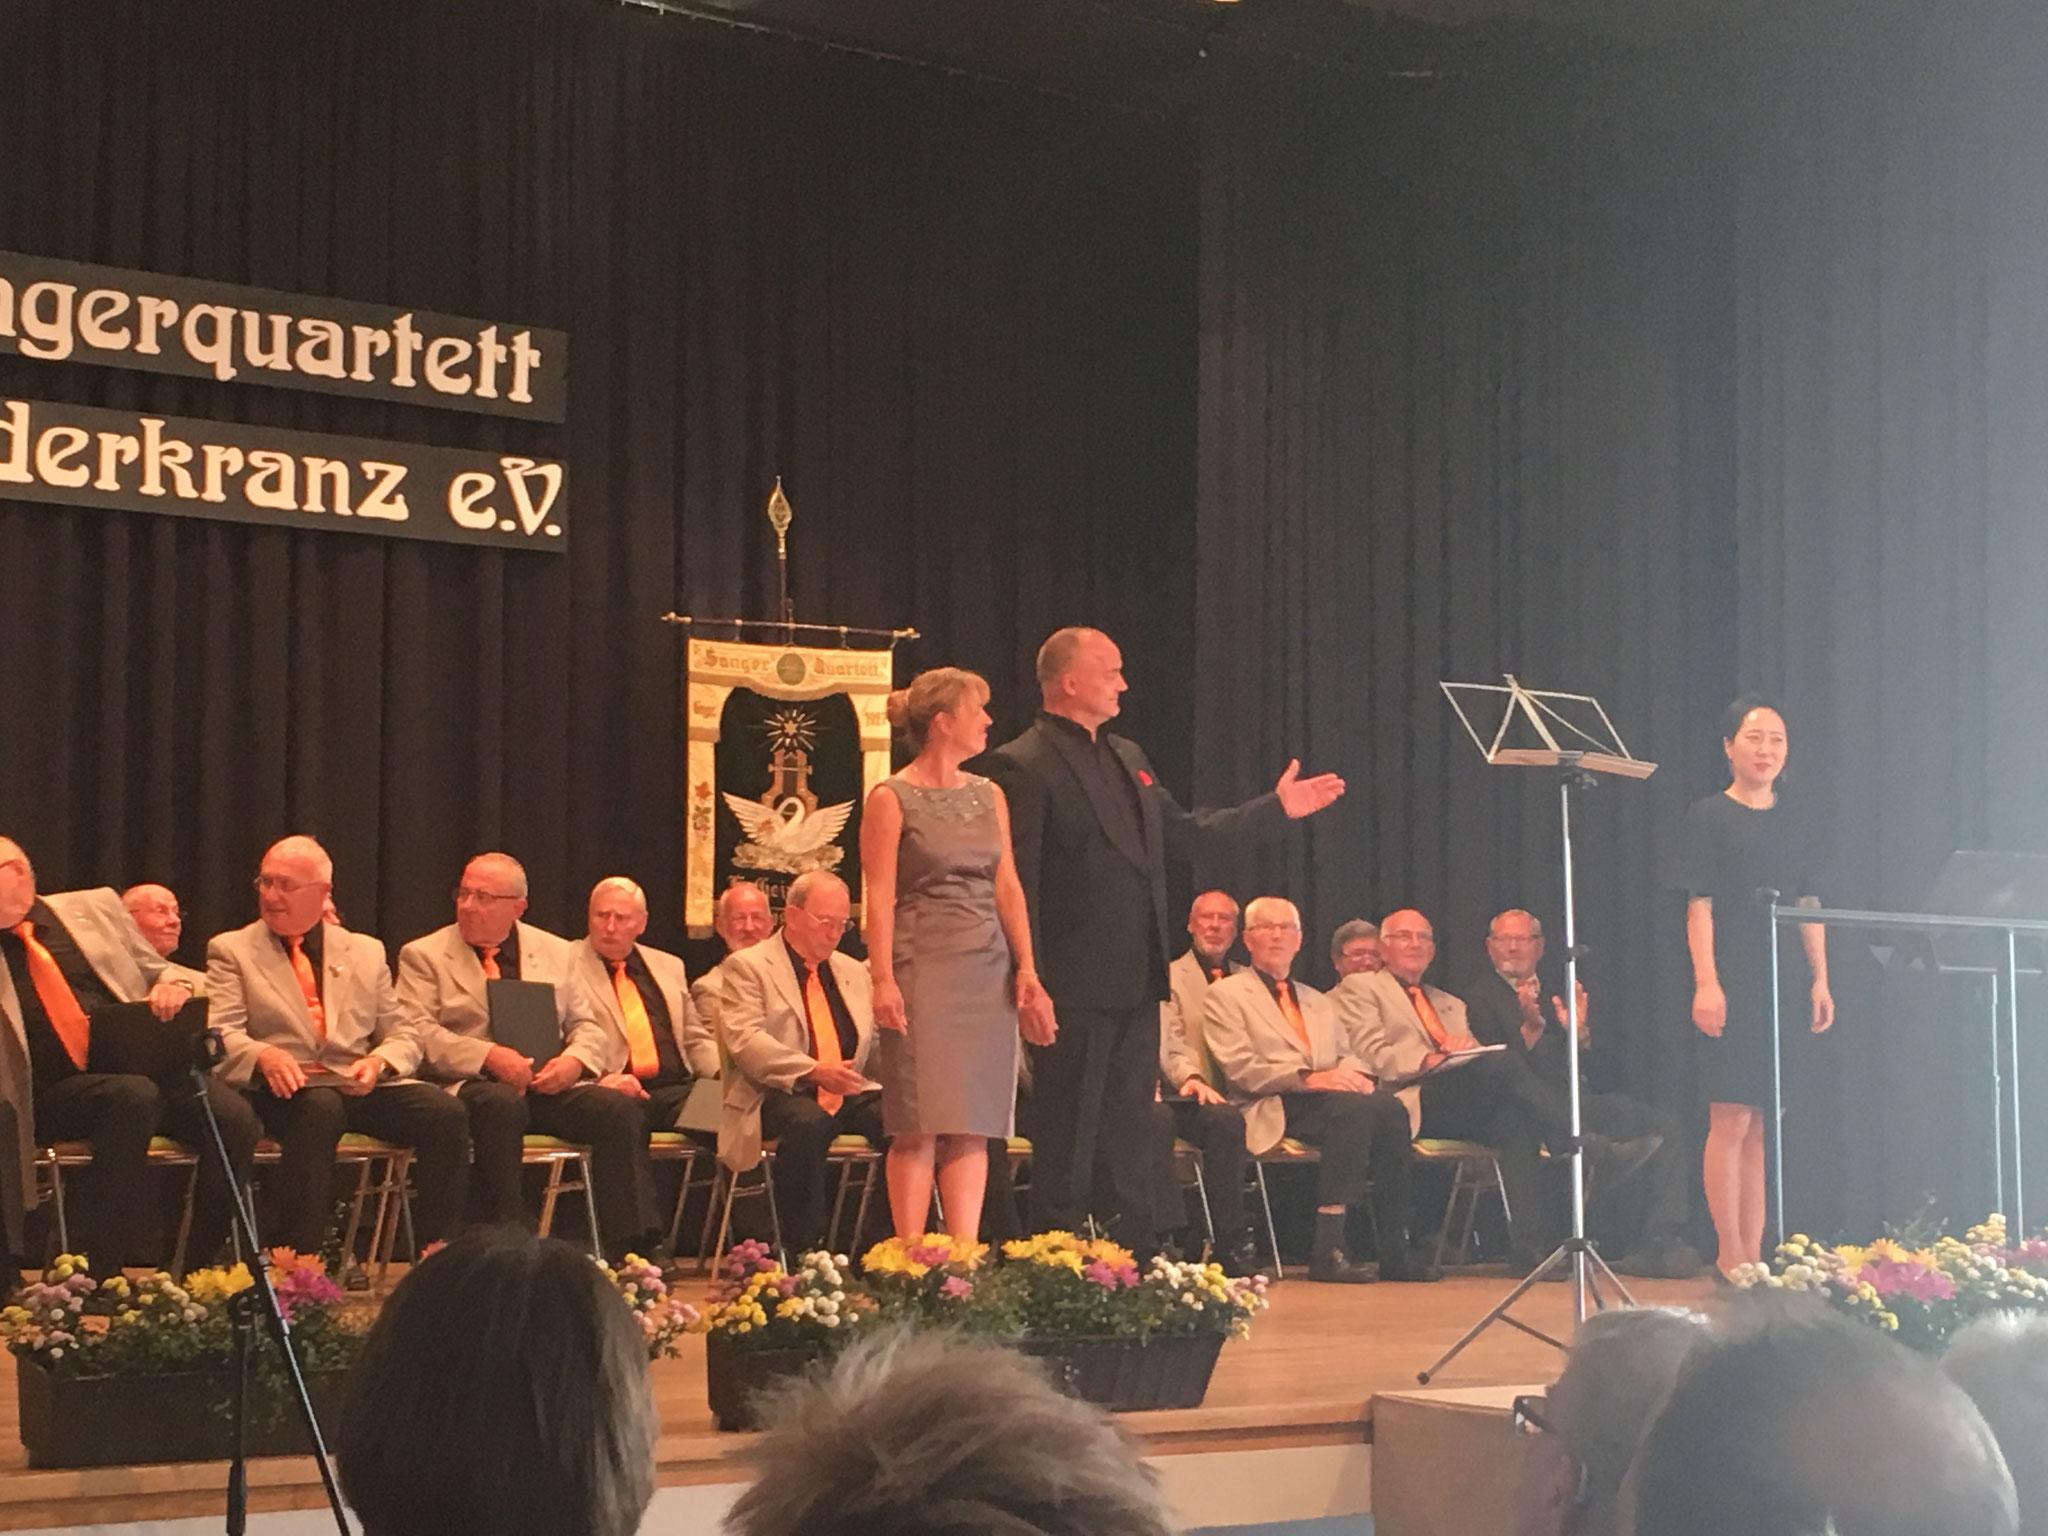 Bärbel Bartonitz und Stefan Zier als Duett begleitet von Ju-Hee Oh